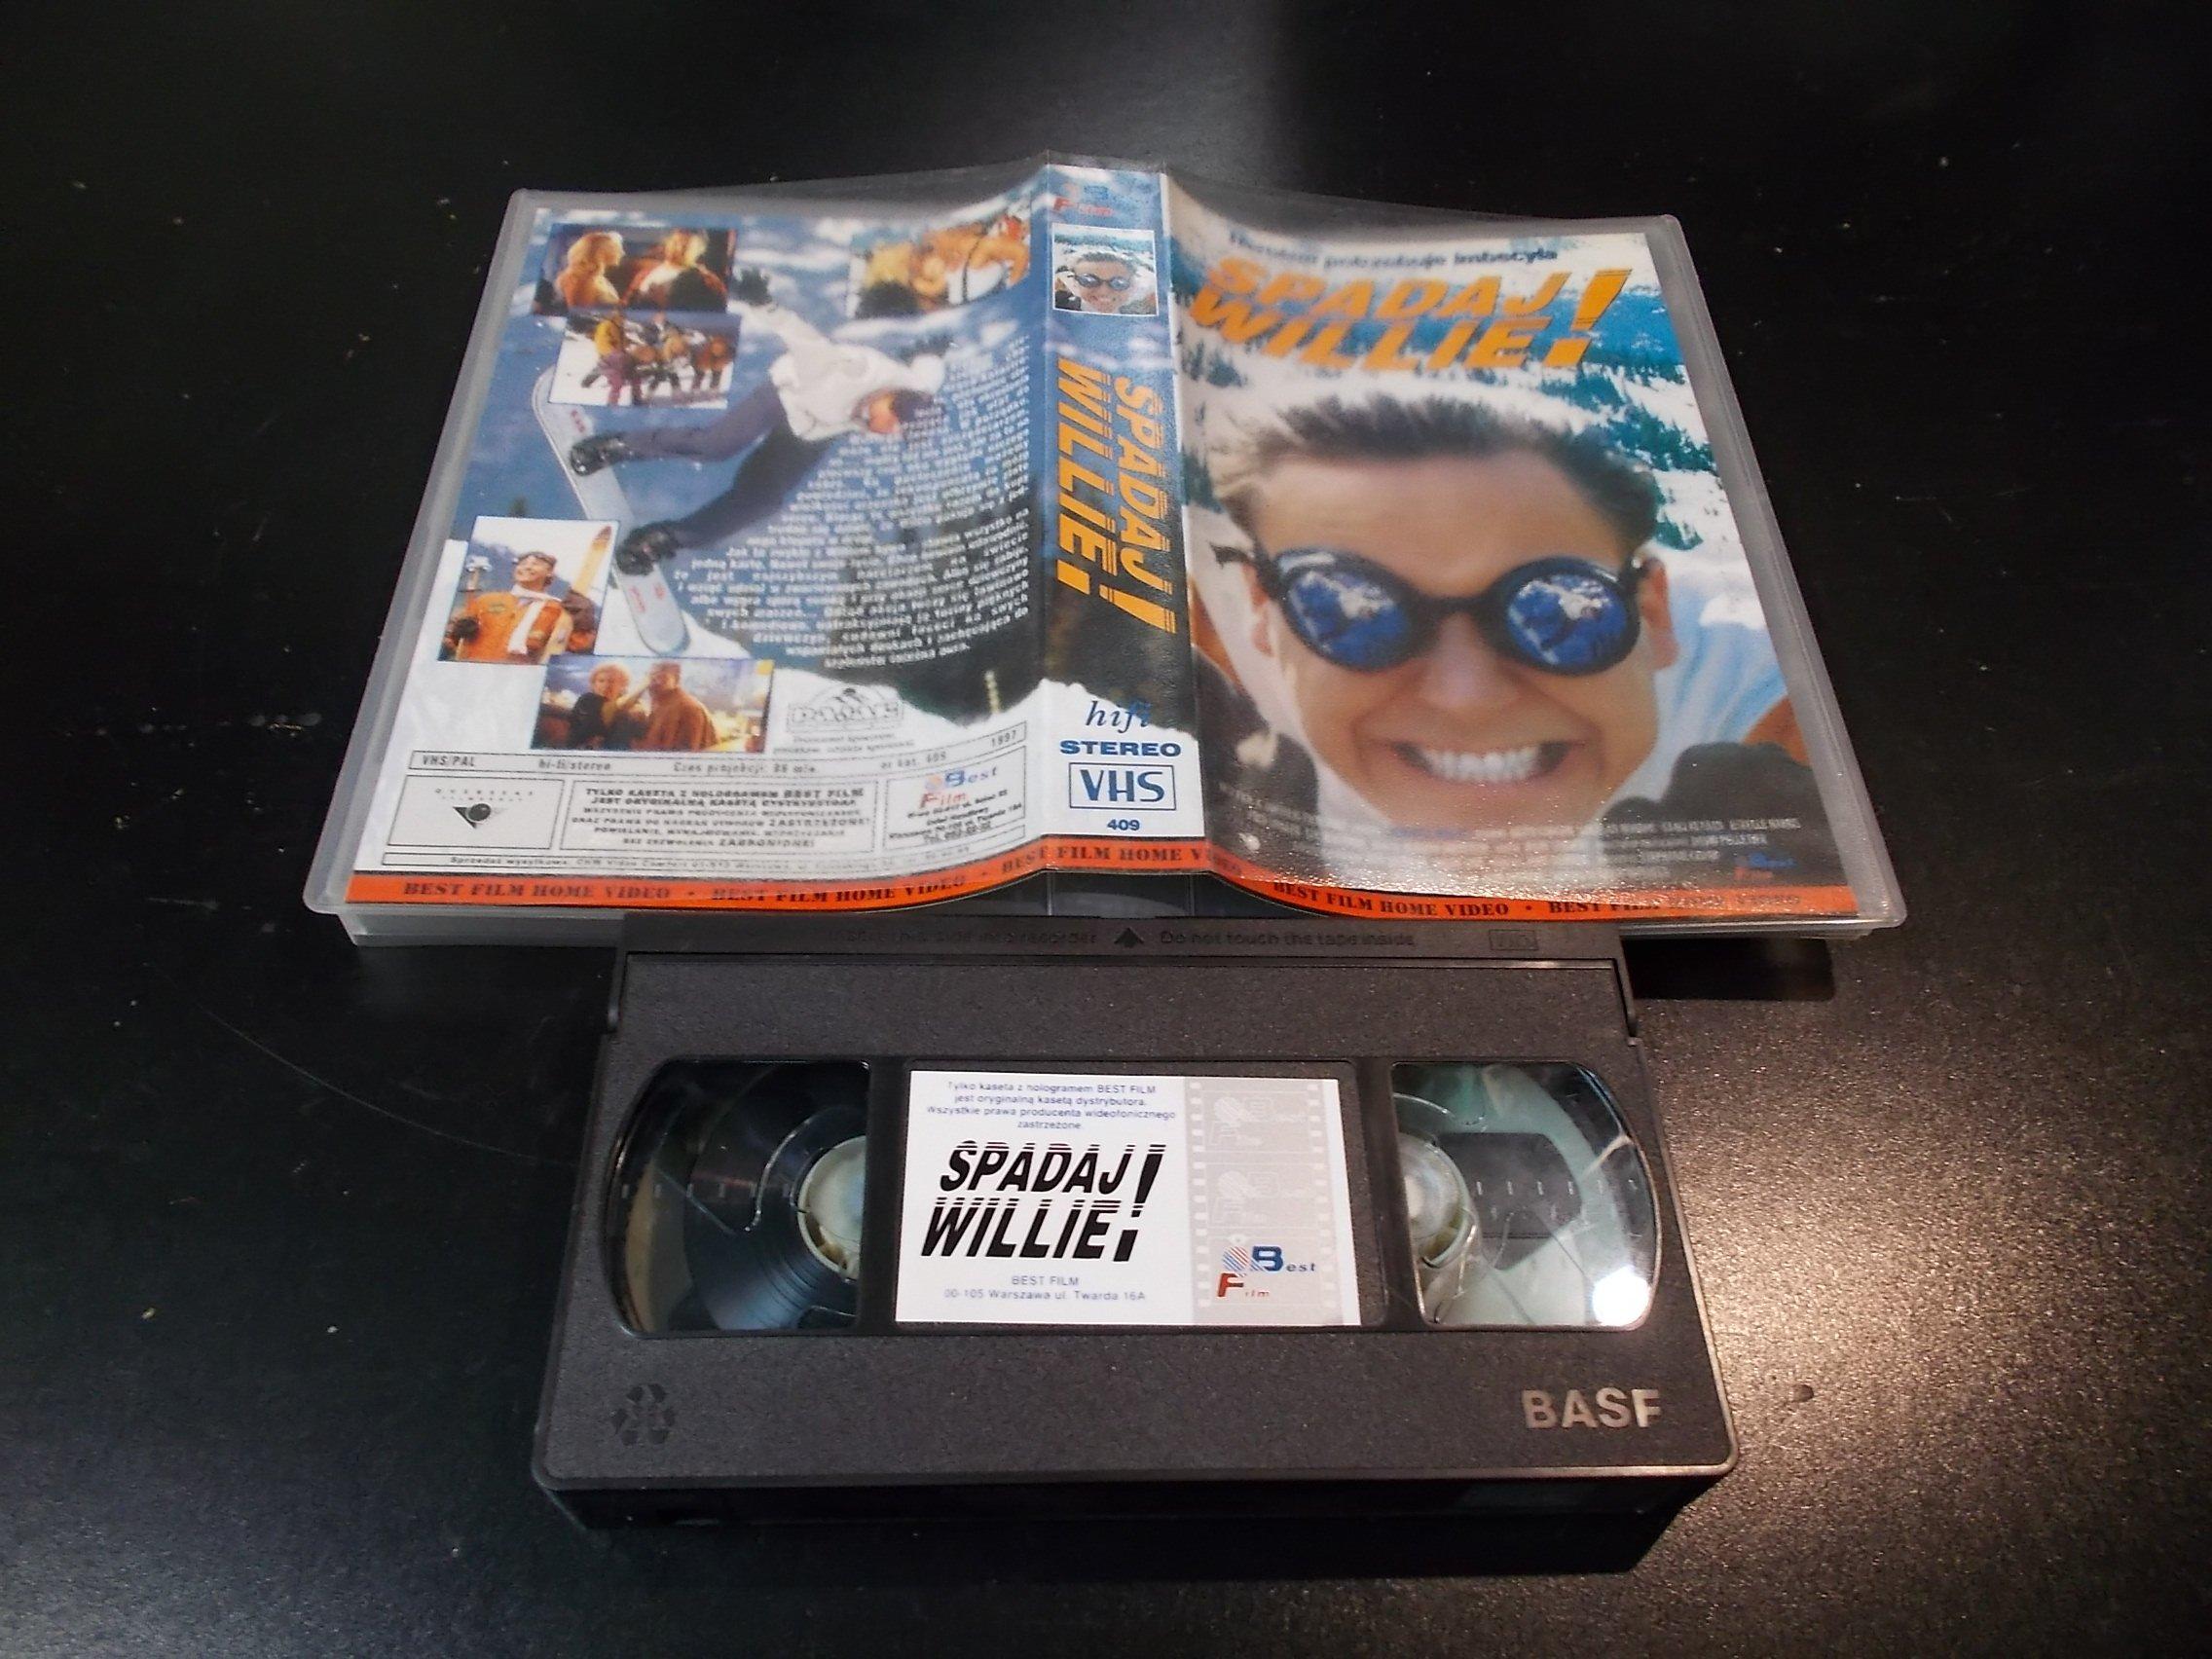 SPADAJ WILLIE - kaseta Video VHS - 1401 Sklep